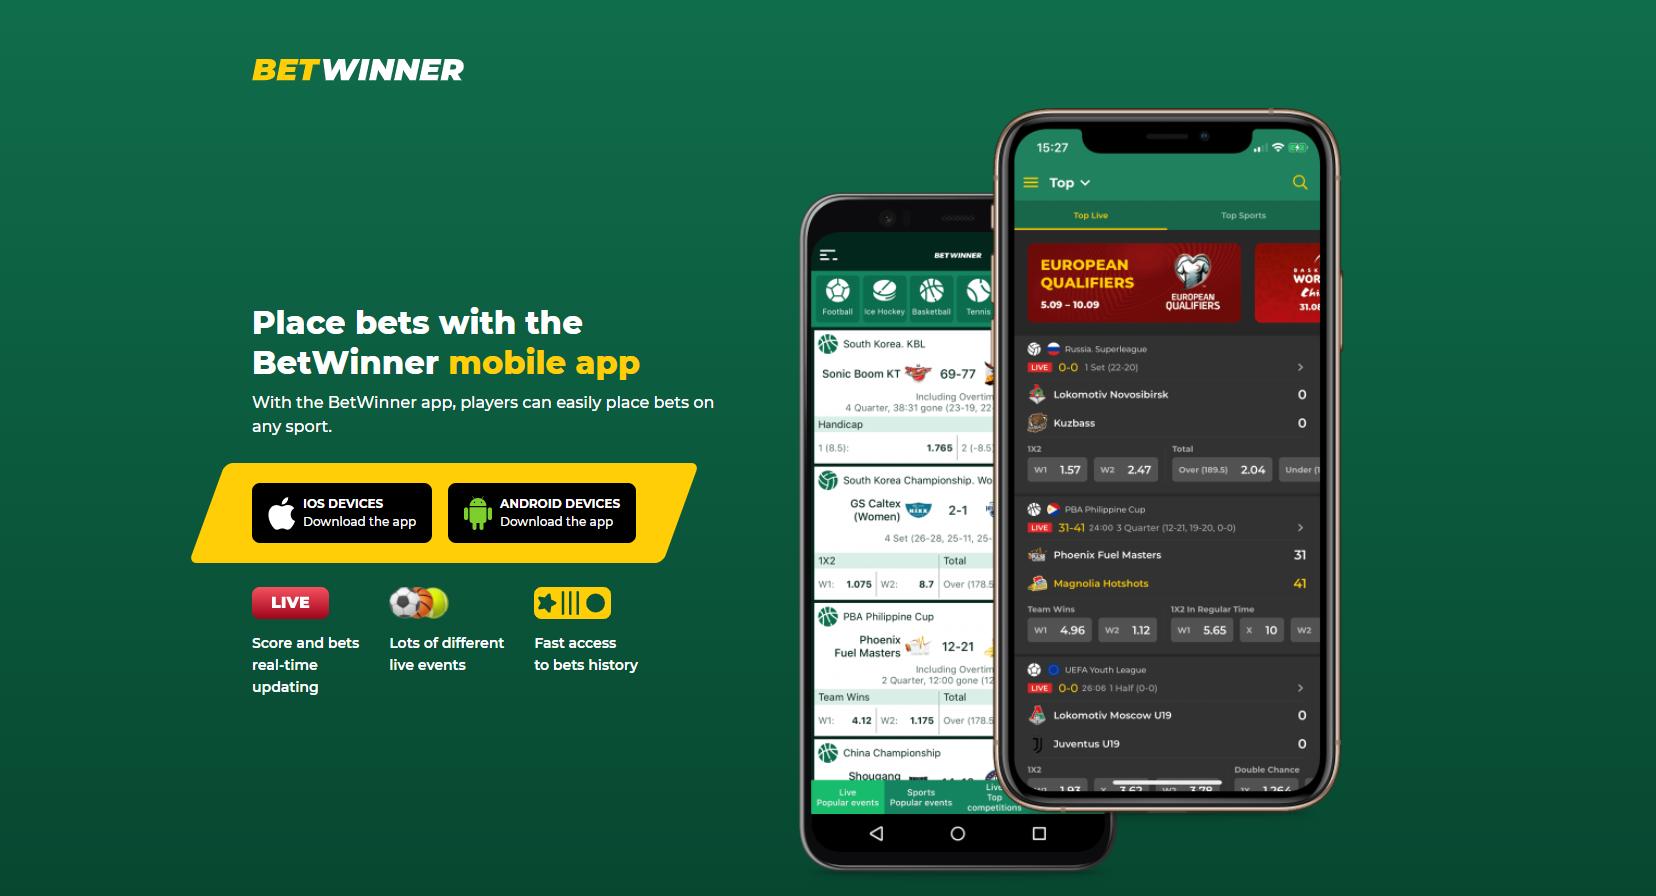 betwinner mobile app mobili versija android ios įrenginiai